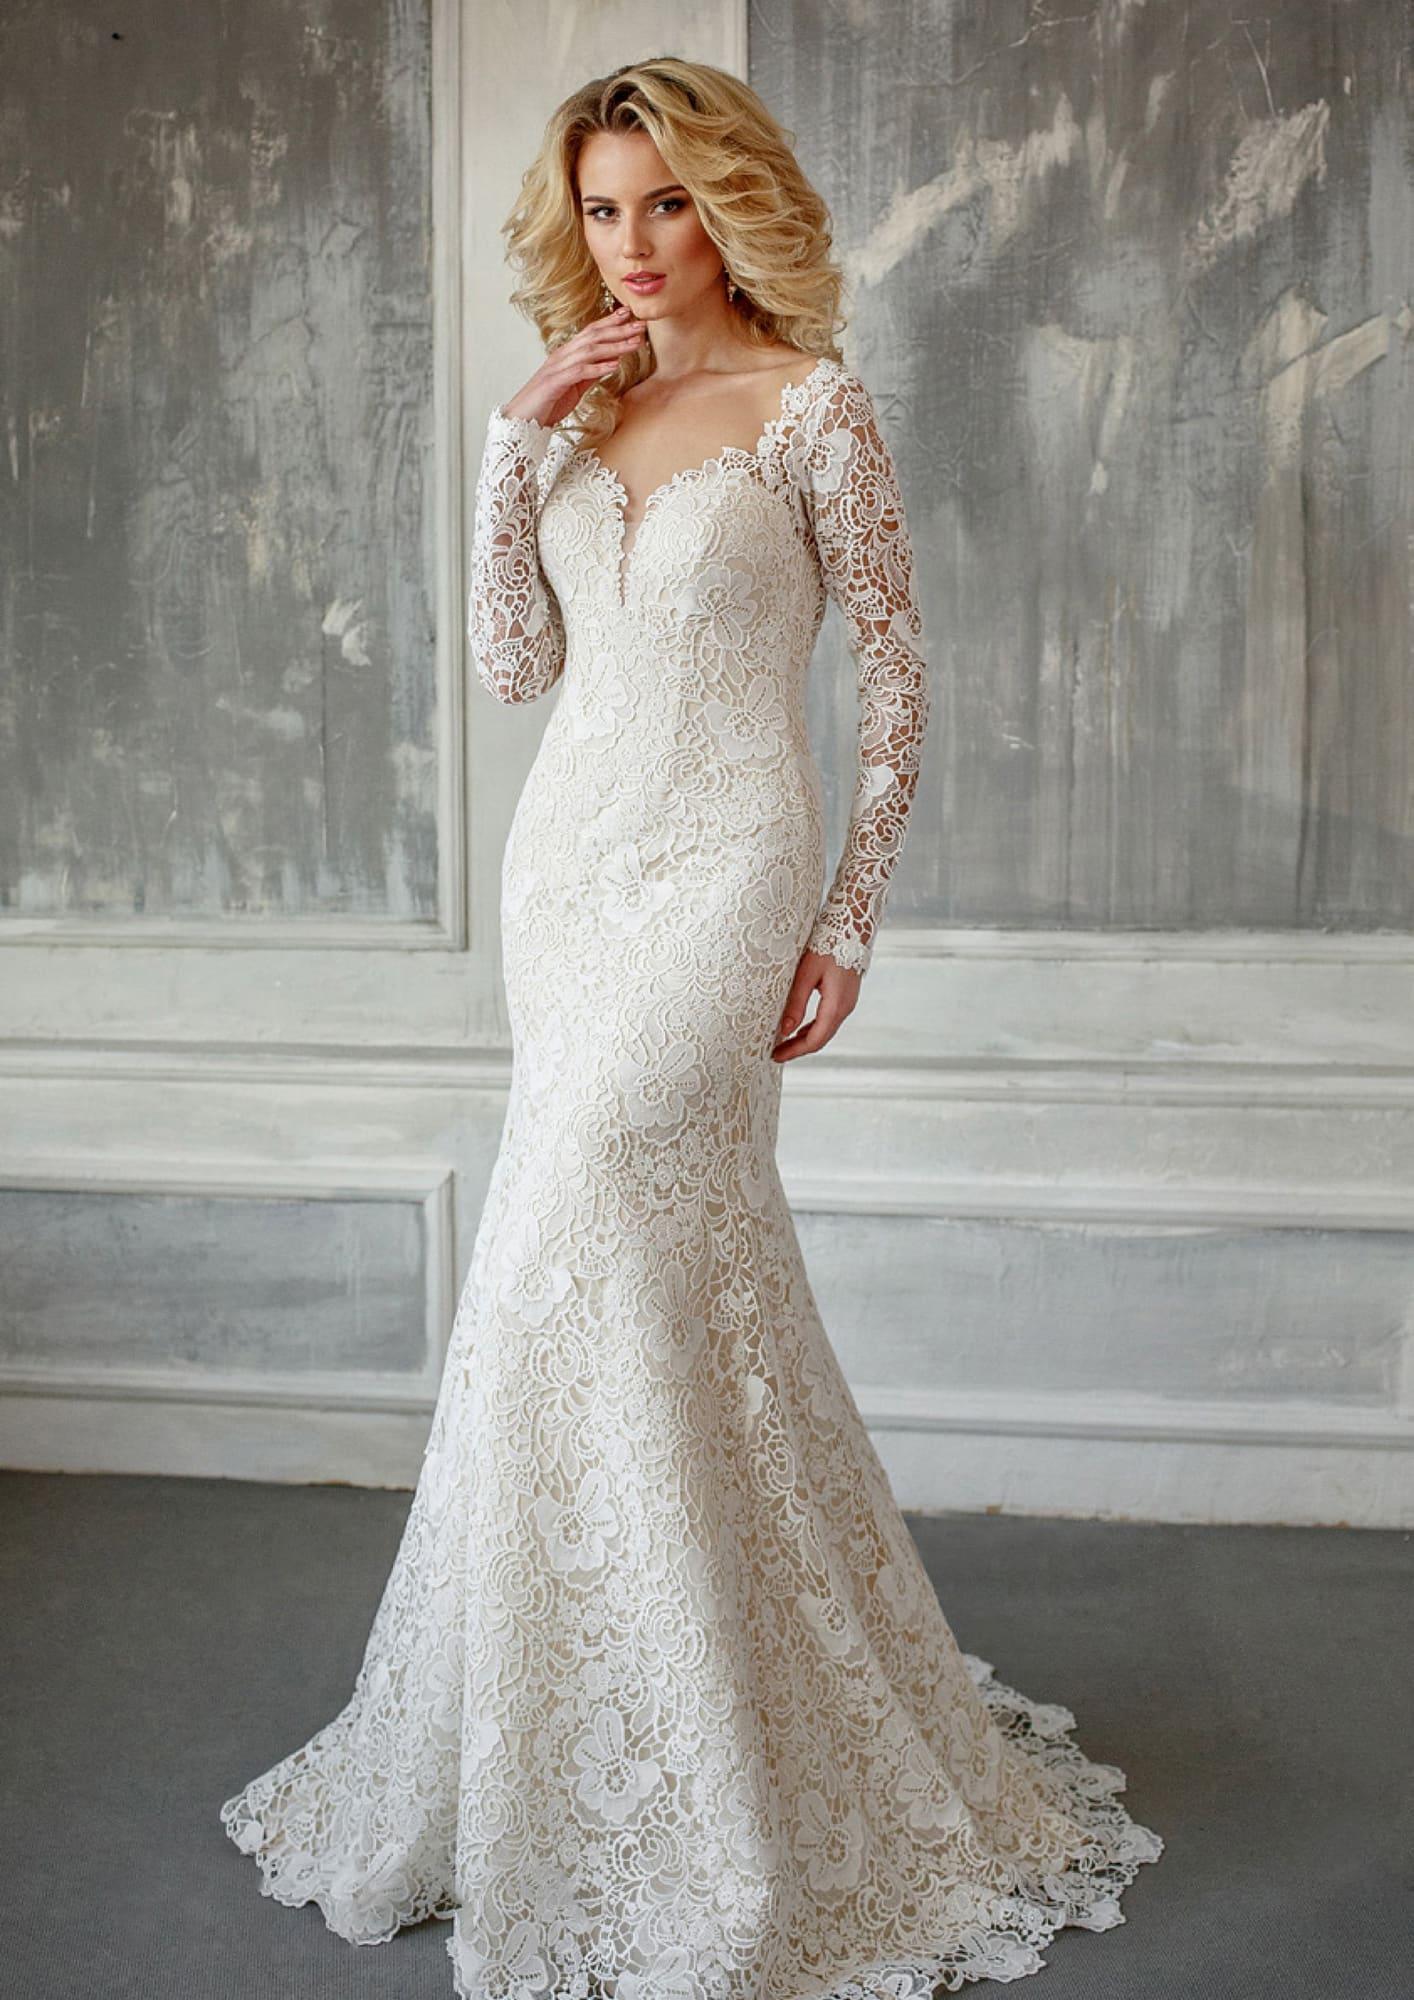 117de0e6aba Кружевное свадебное платье с длинным рукавом и эффектным фигурным декольте.